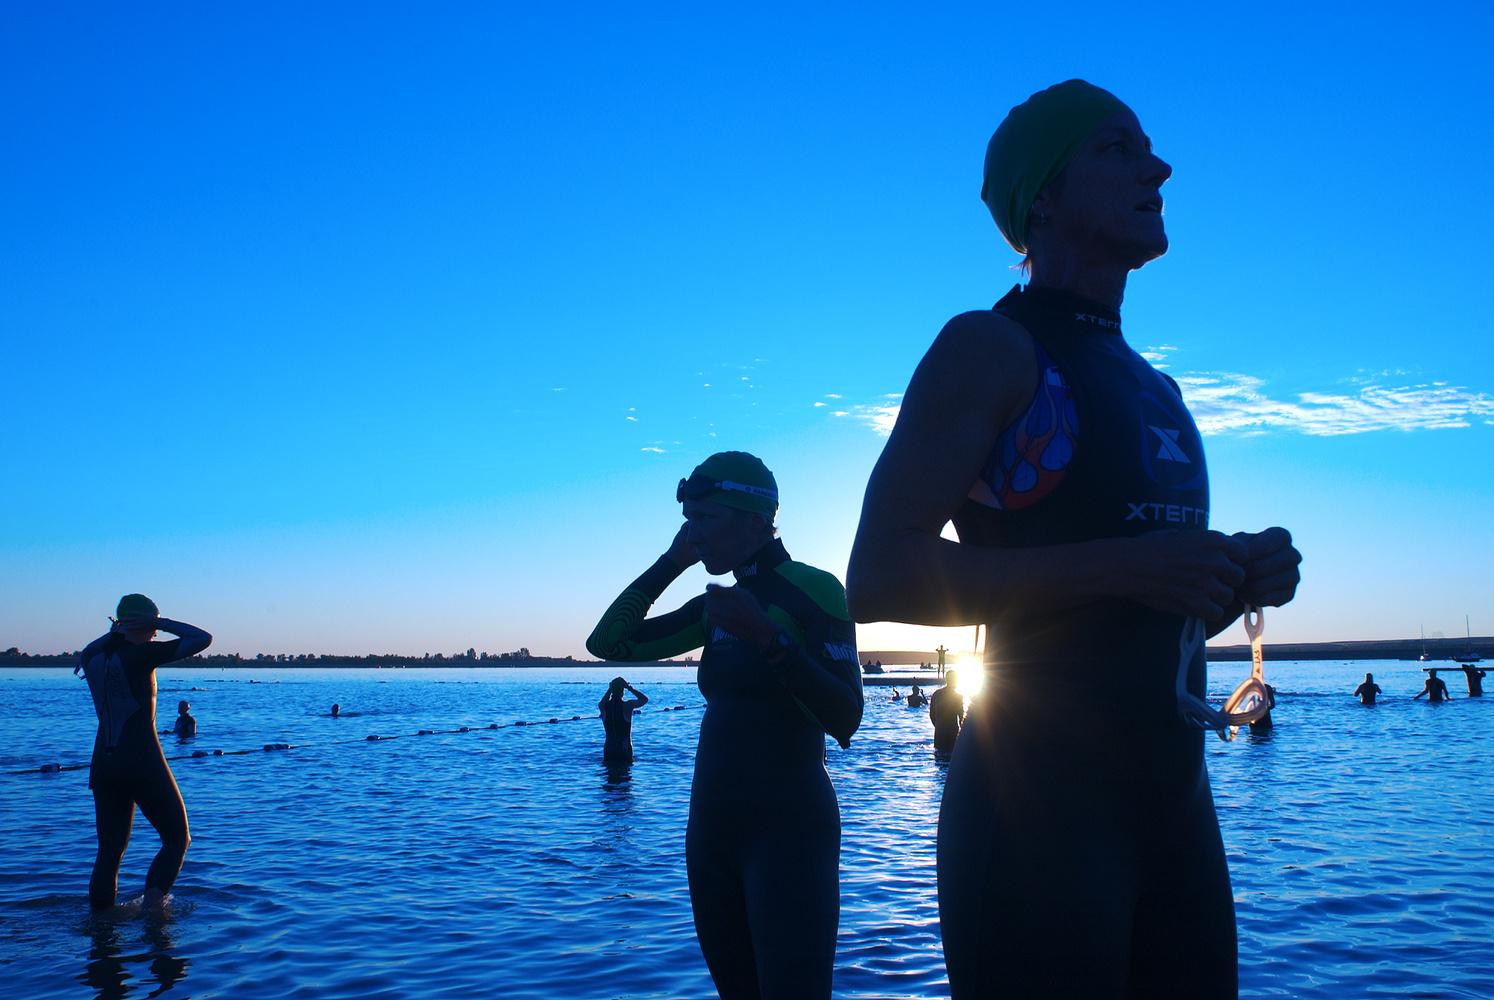 Triathlon morning by Jonathan Castner